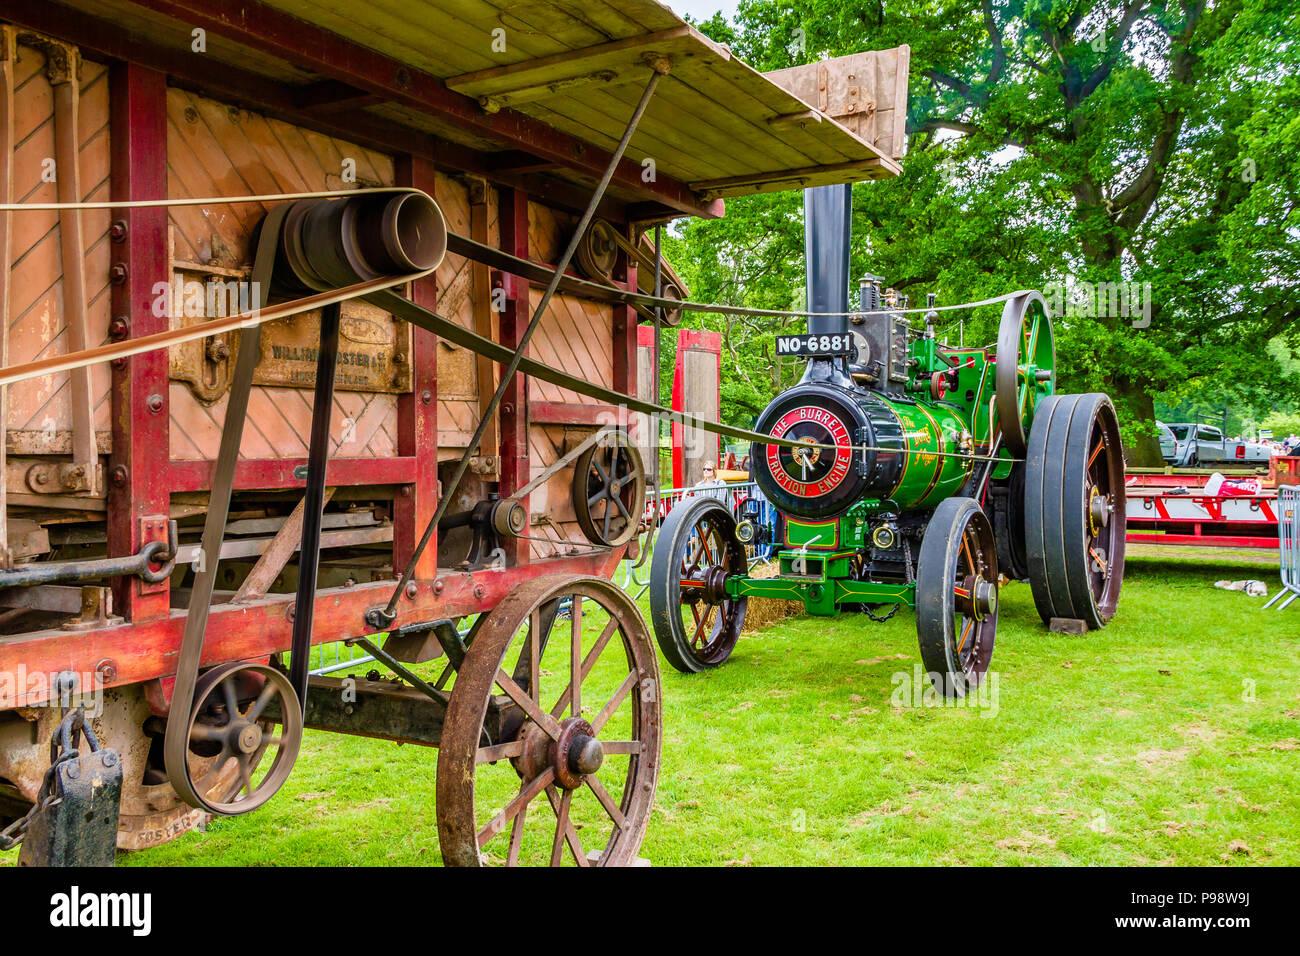 Alte Dampfmaschine Betrieb eines Pressen Maschine als Demonstration an den Northumberland County zeigen, UK, Mai 2018. Stockfoto